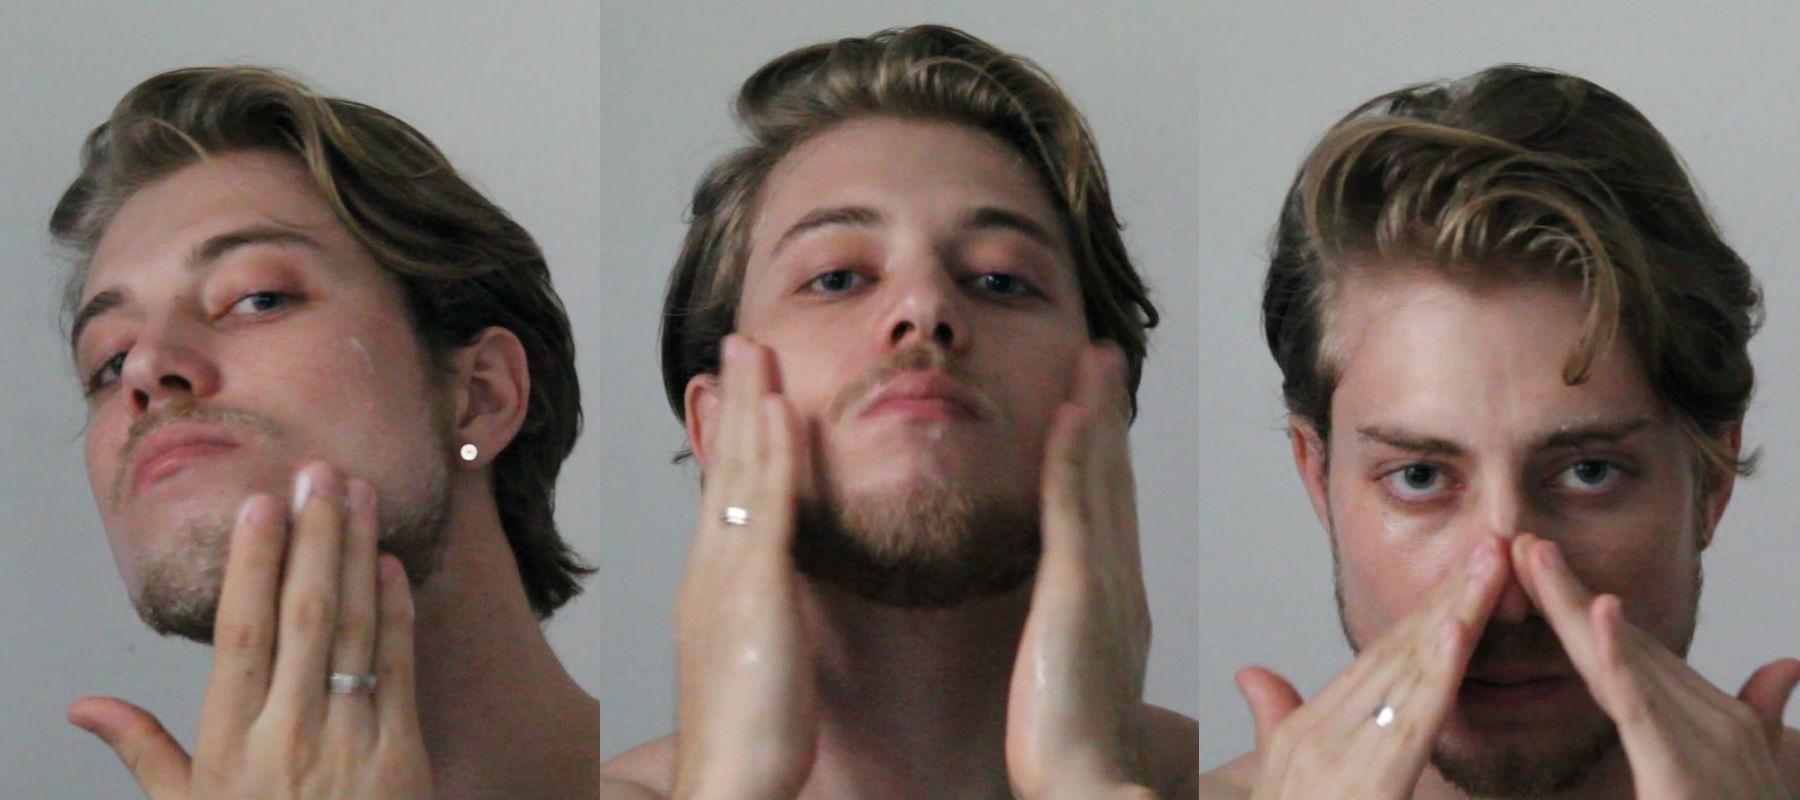 Homem No Espelho - Cuidados masculinos com a pele do rosto-3